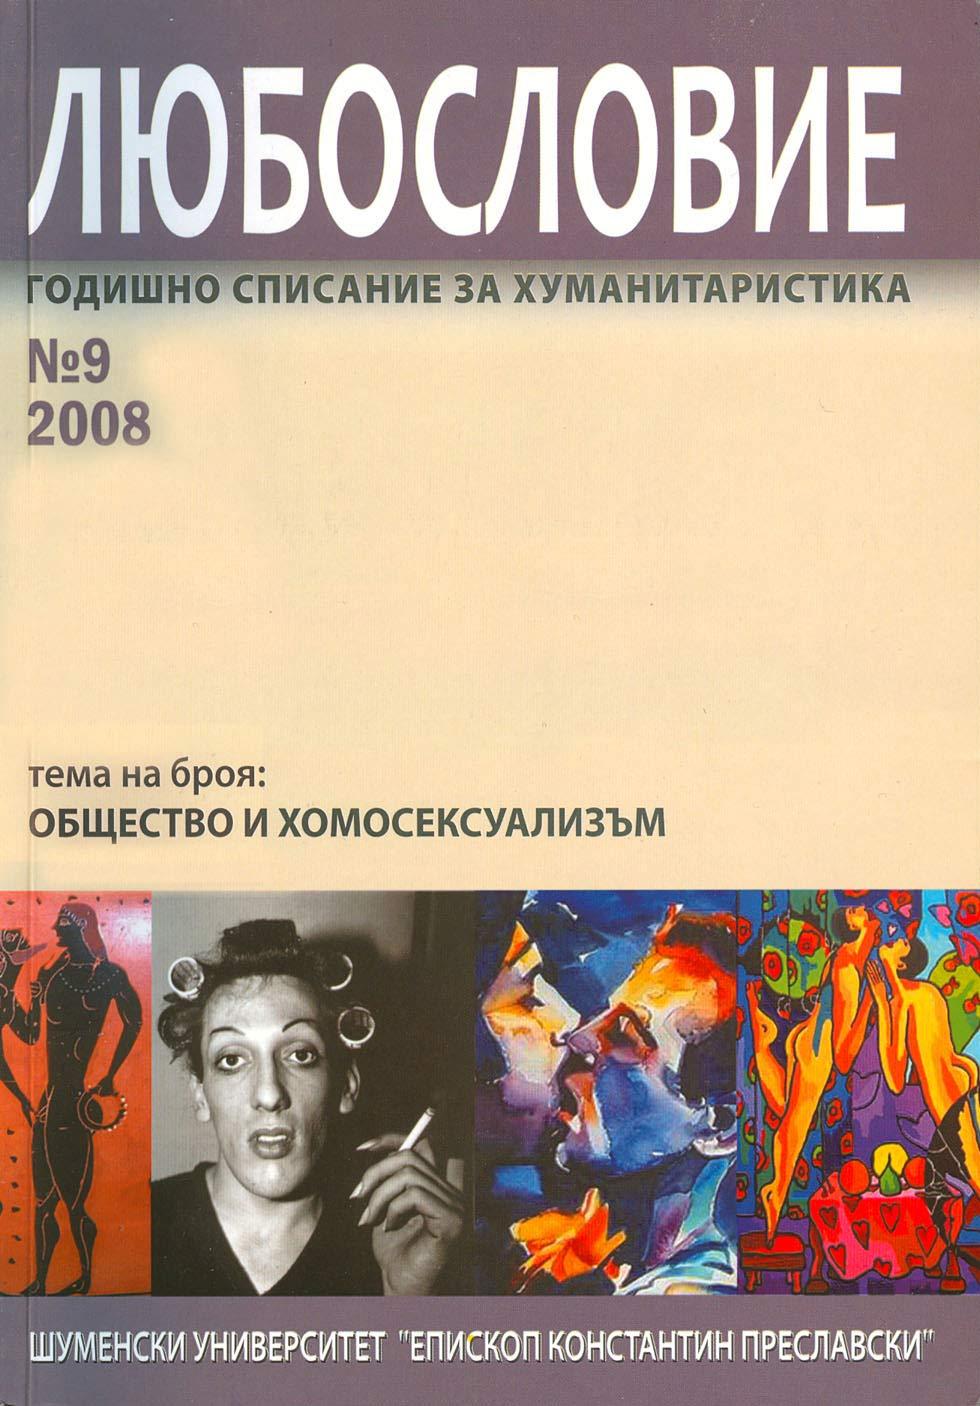 Sexualni maltsinstva : homosexualni, bisexualni, transsexualni muzhe i zheni (kriticheski lingvosemiotichen analyz po materiali ot bulgarski vestnitsi